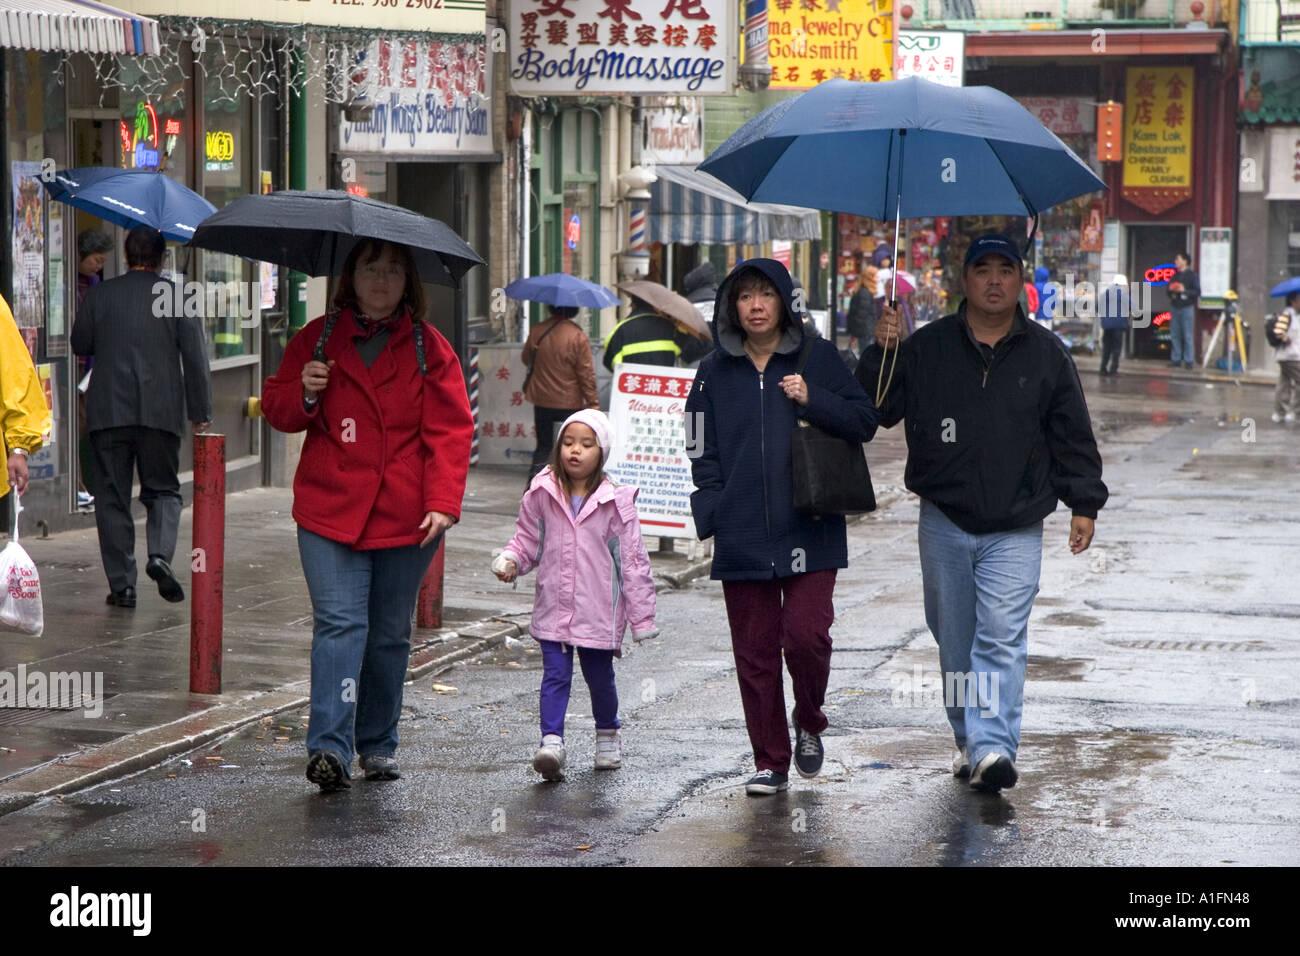 Personnes Marchant Sous La Pluie Avec Des Parapluies Dans Chinatown San Francisco California Photo Stock Alamy